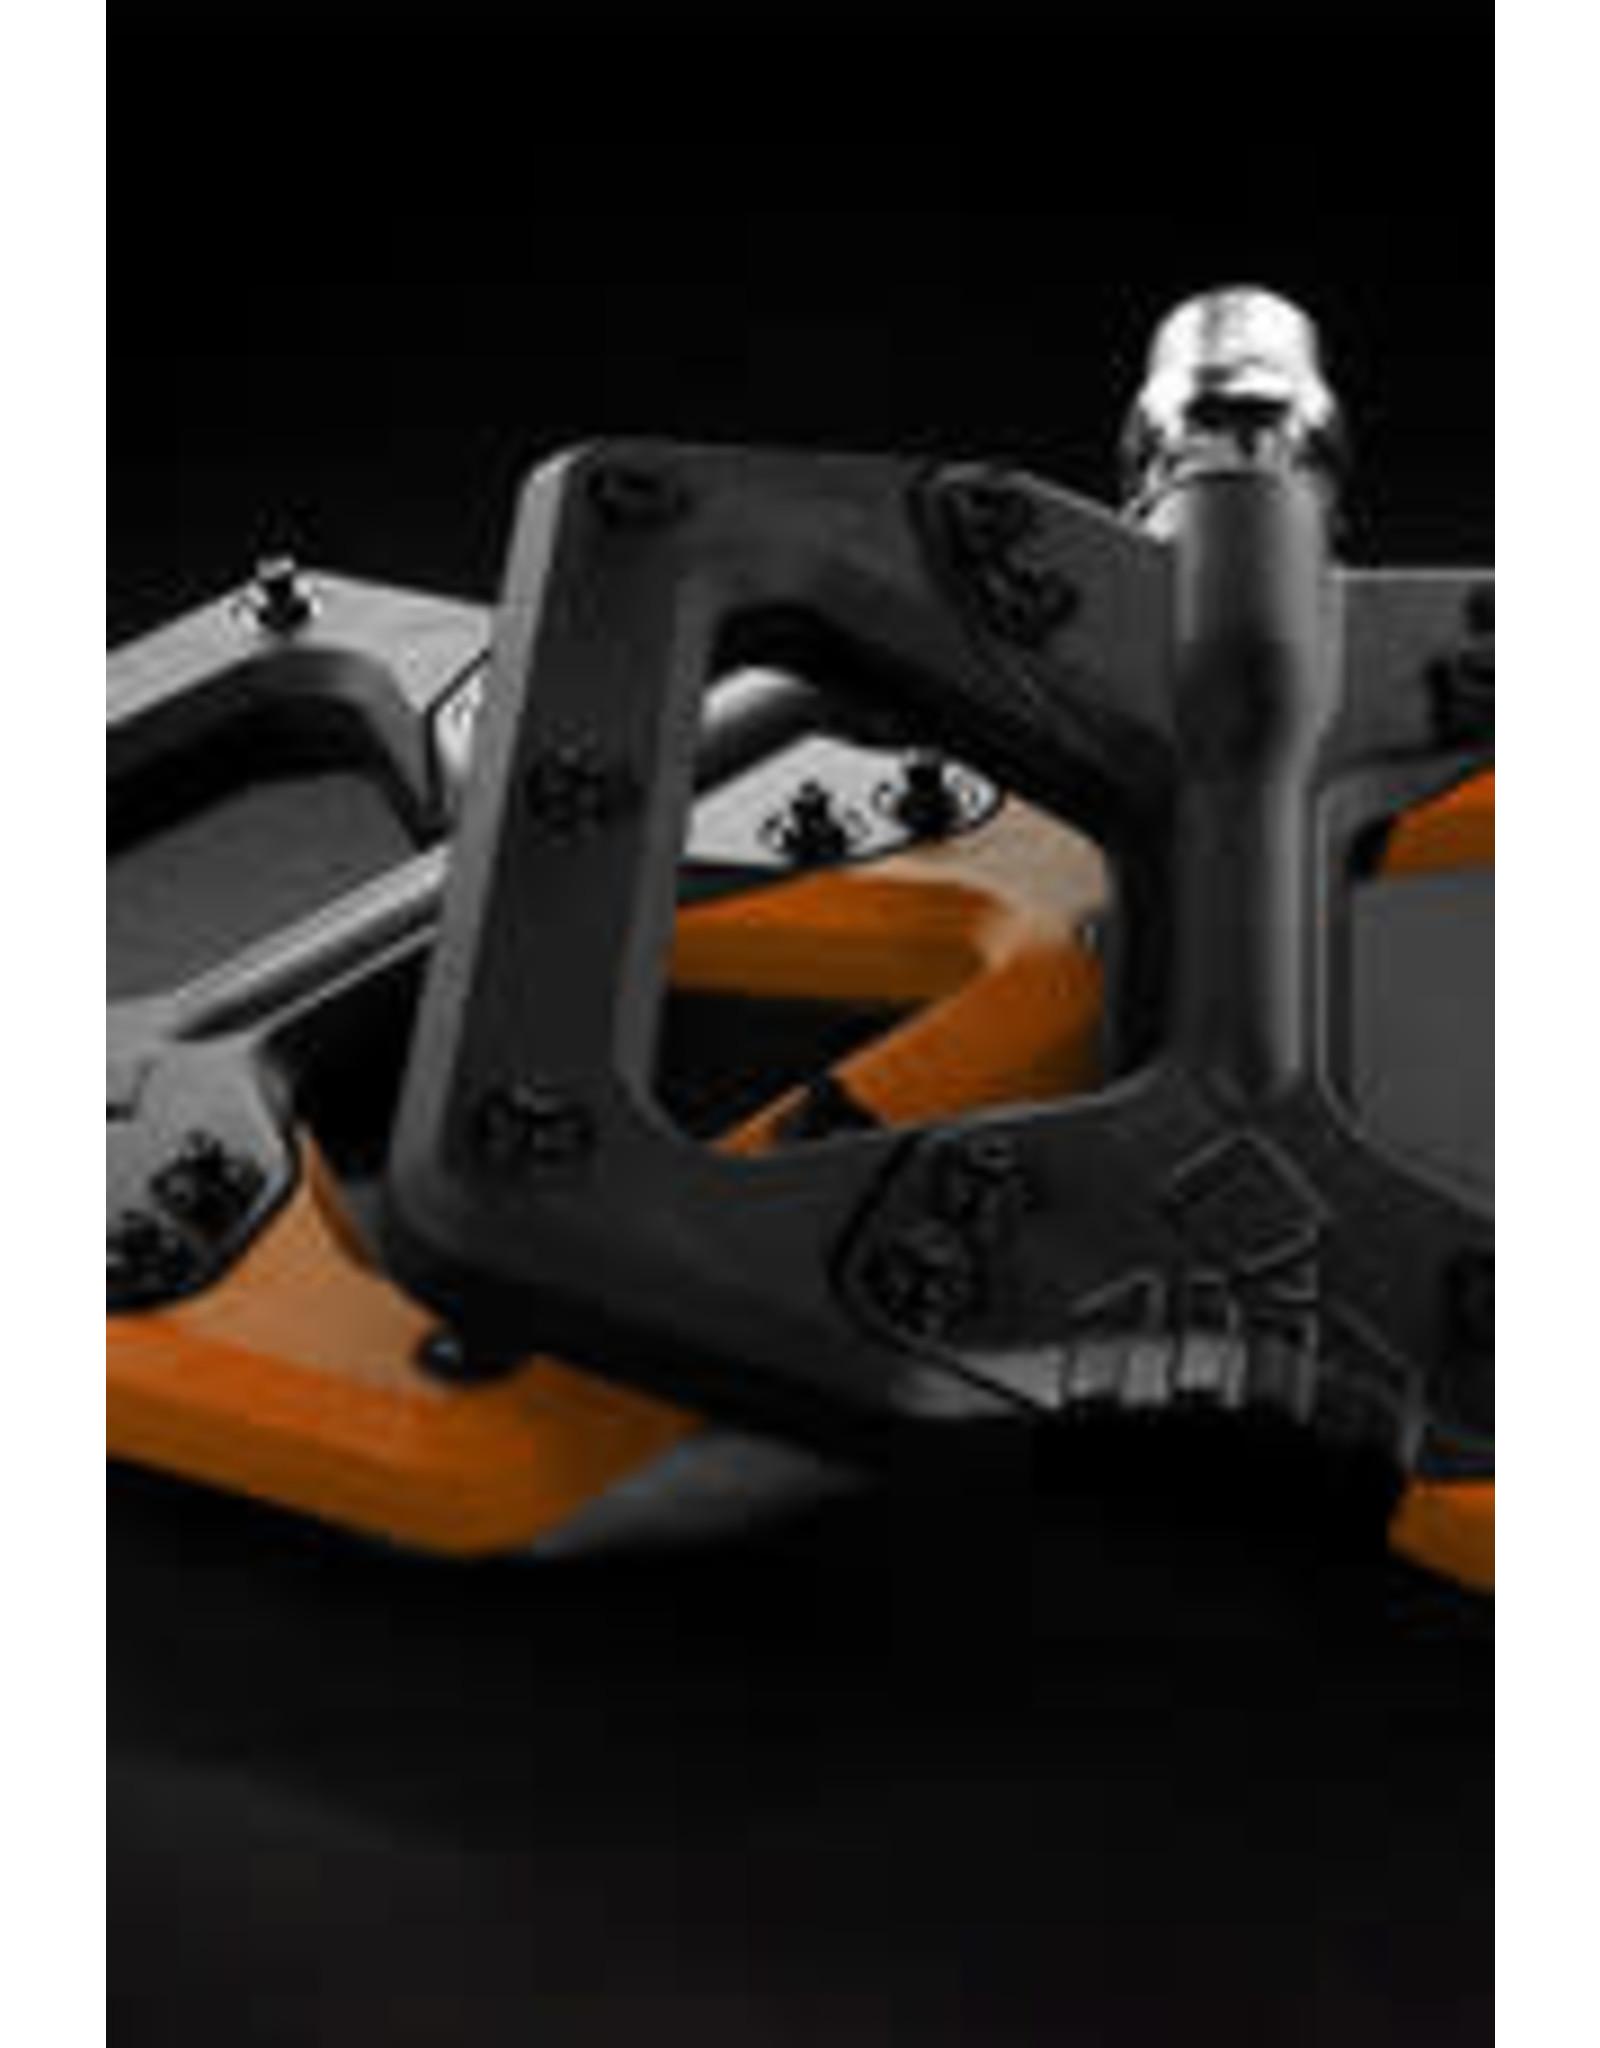 Squidworx Squidworx Pedals